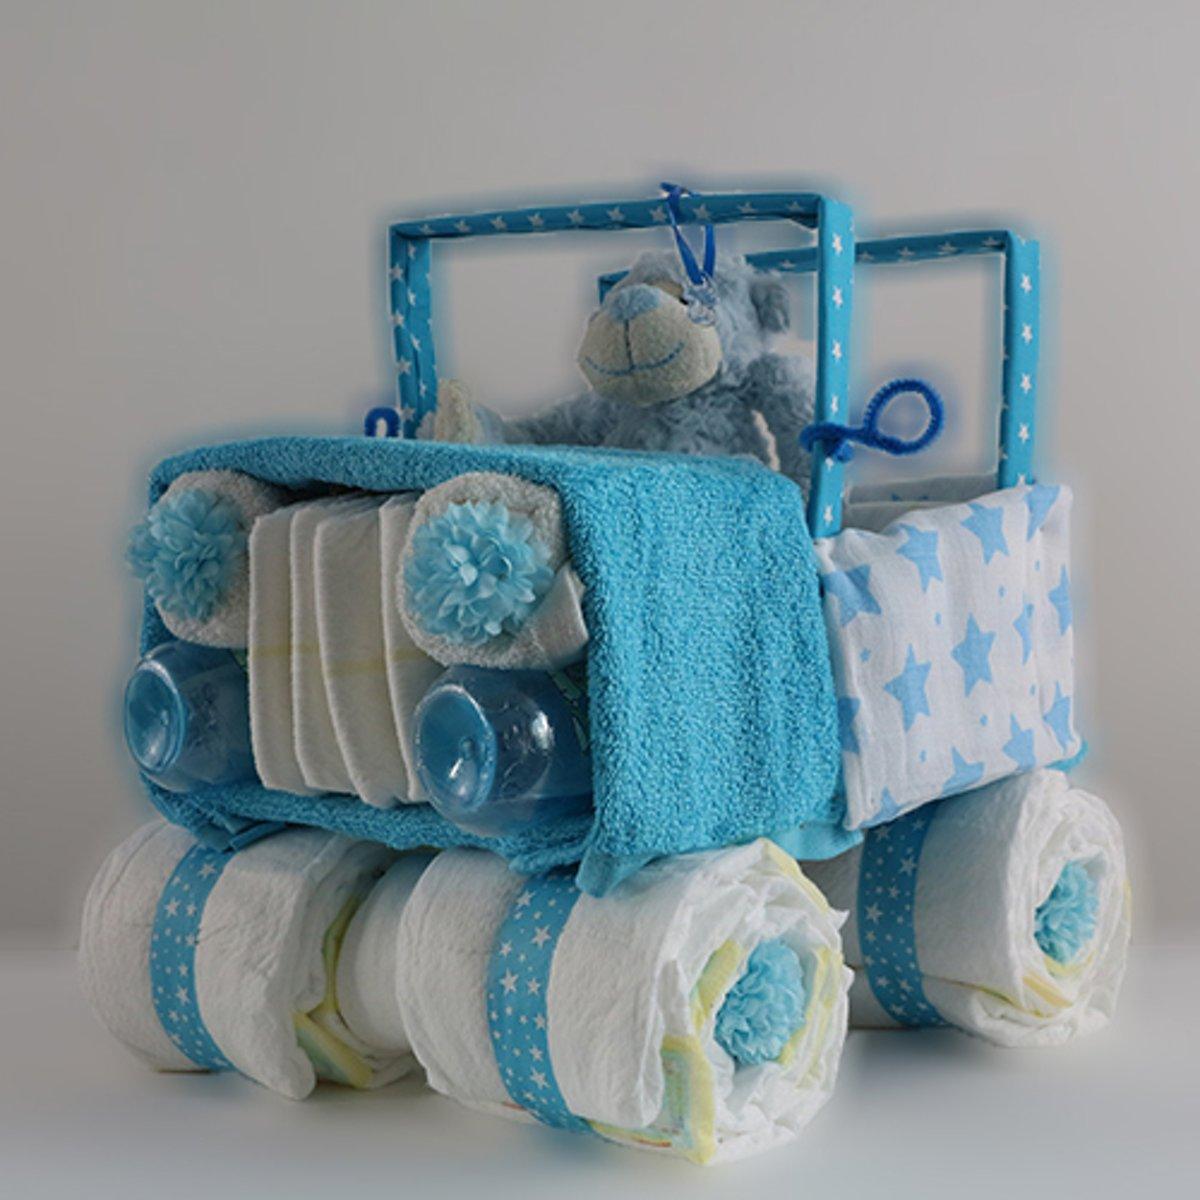 Jeep Luiertaart Blauw kopen